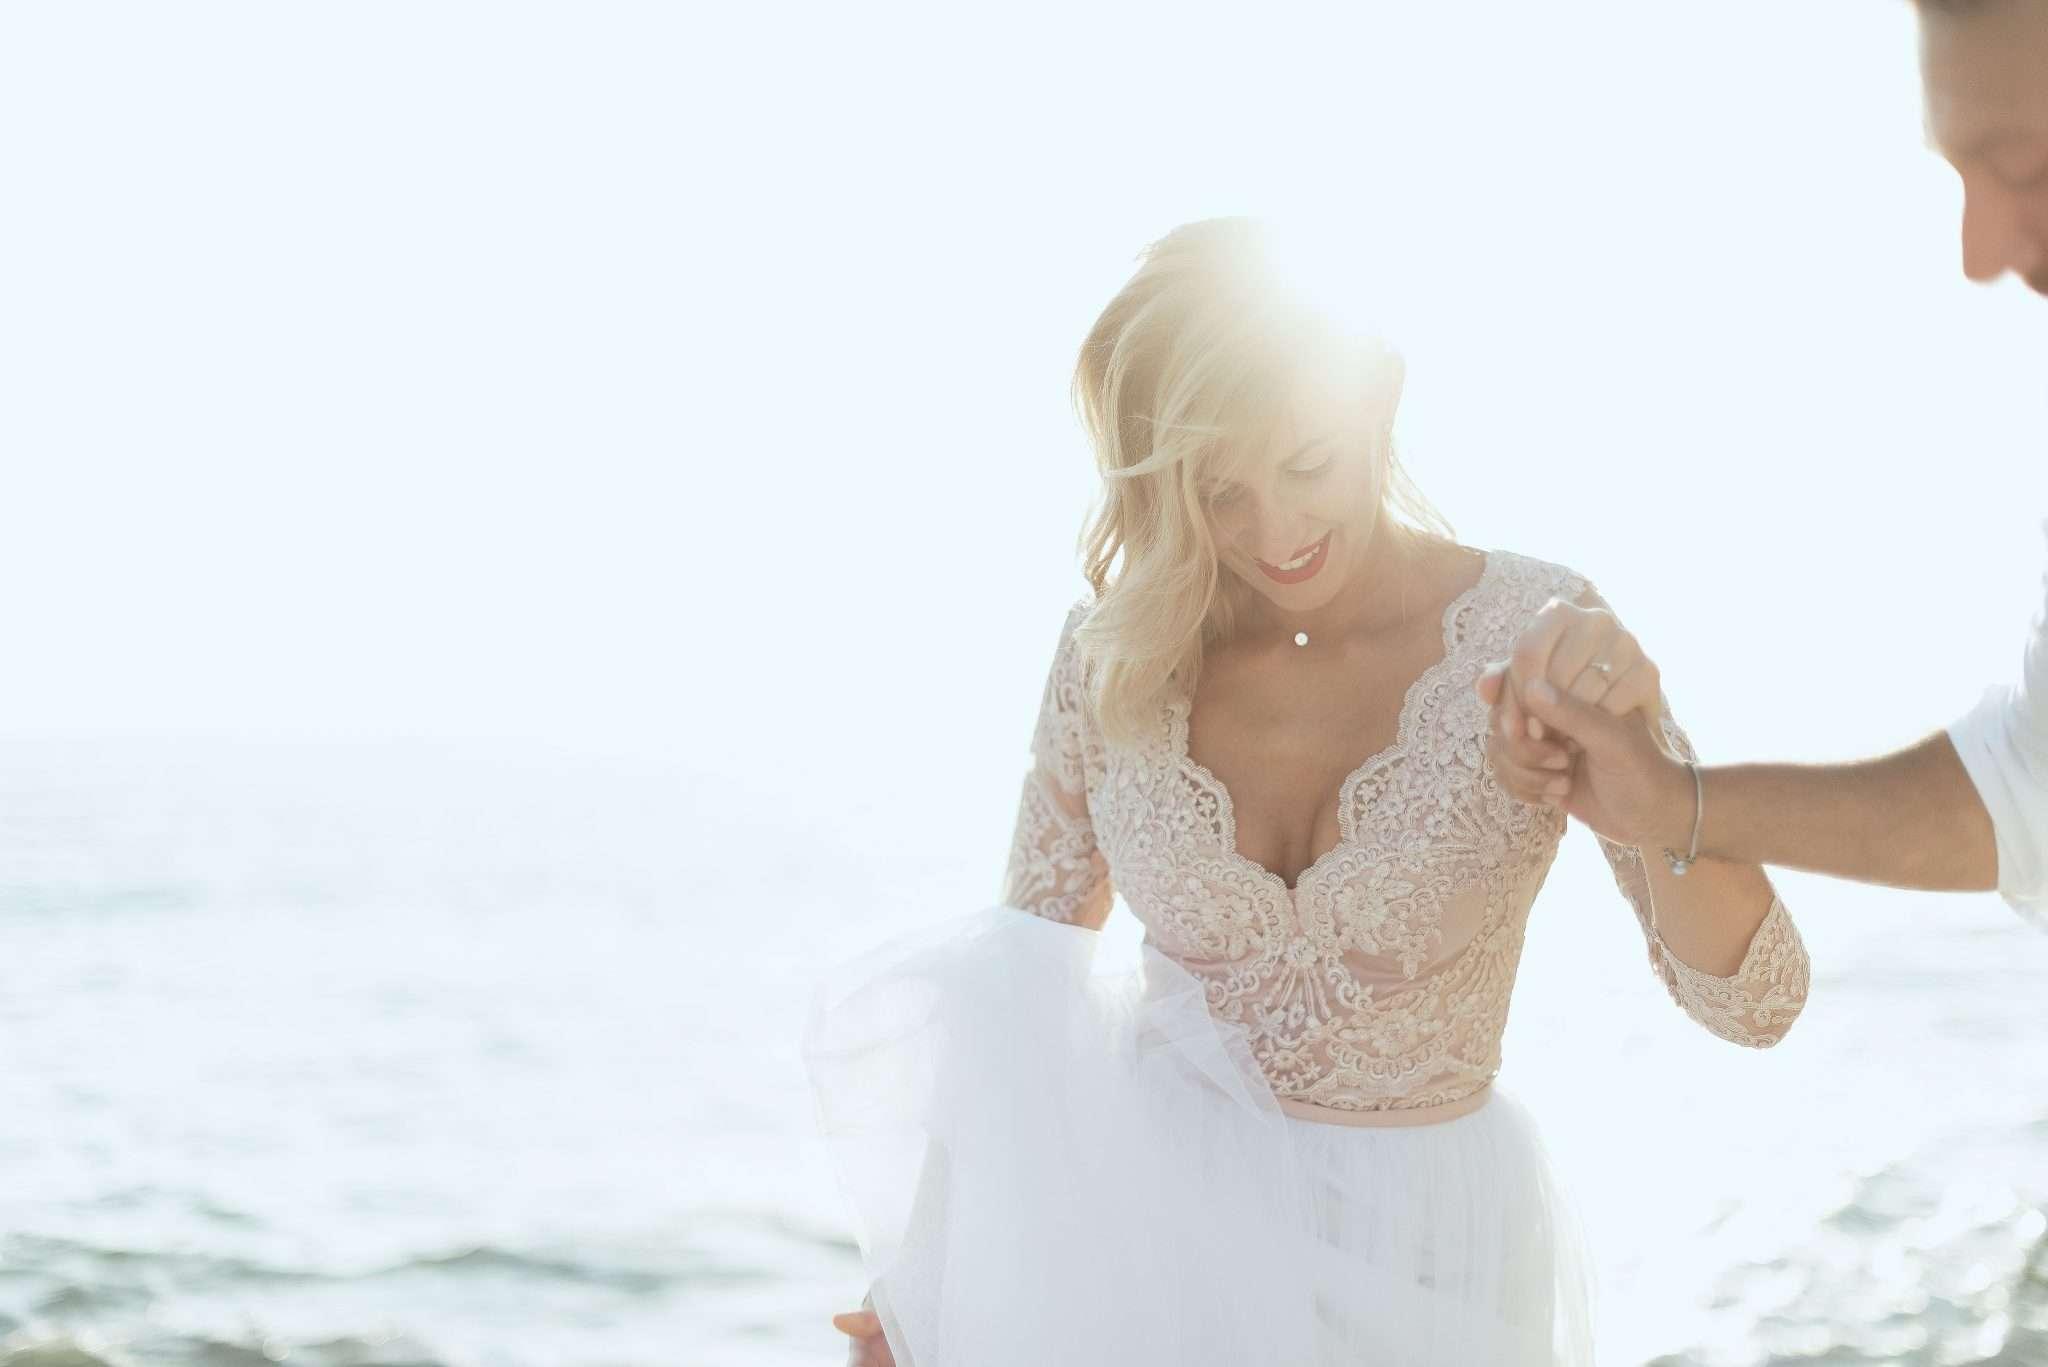 Fotografia sposa al mare - wedding reportage realizzata da Barbara Trincone fotografa con studio a Pozzuoli - Napoli